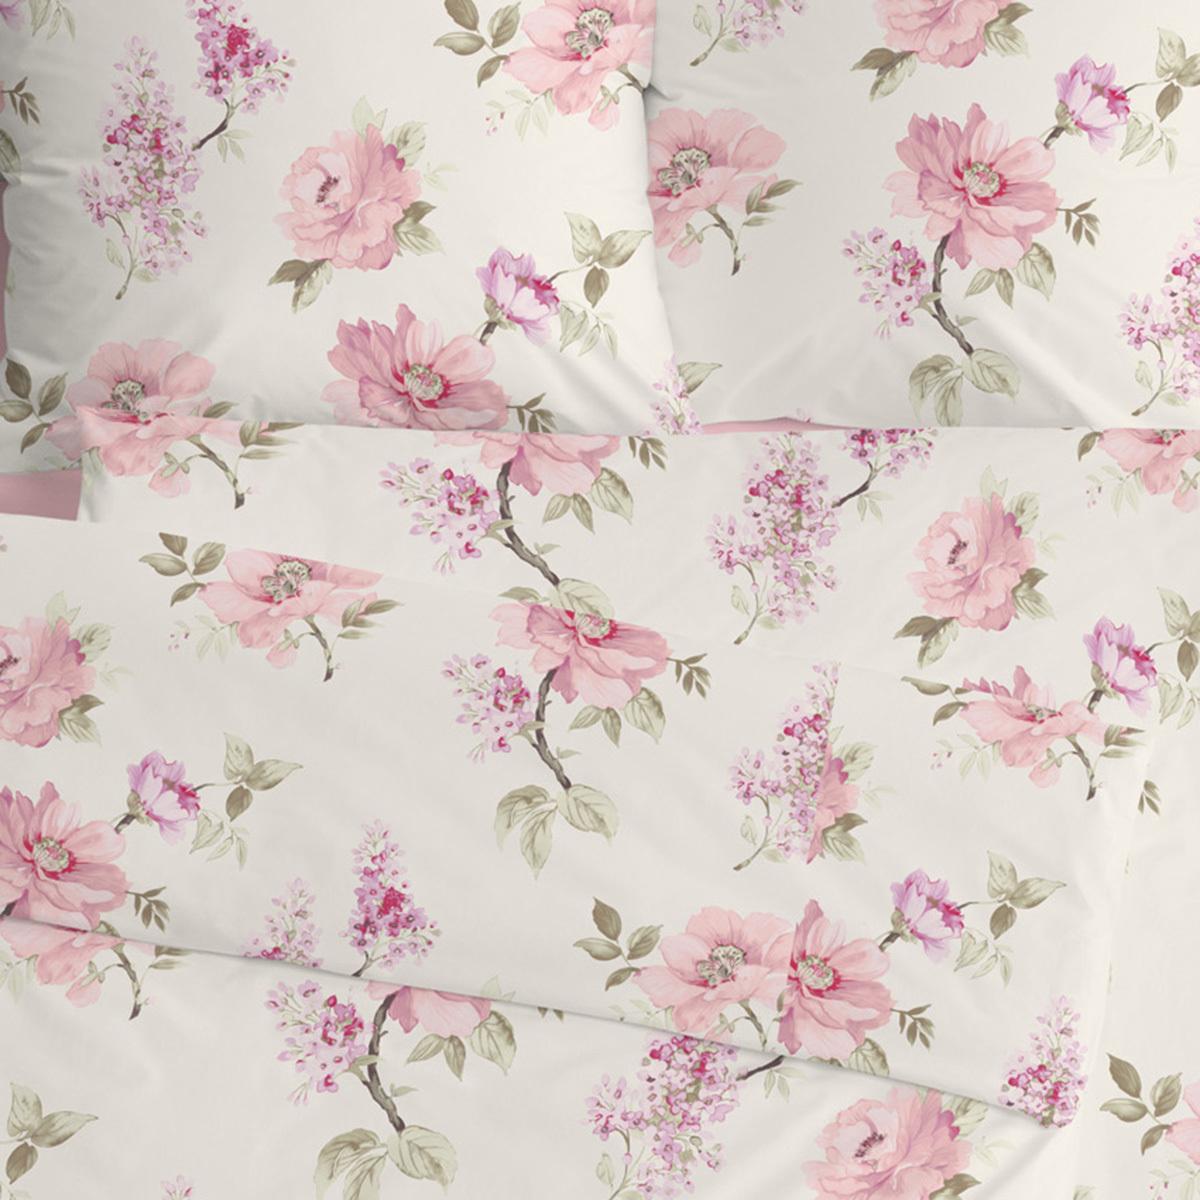 estella mako satin bettw sche 7028 400 rosa g nstig online kaufen bei bettwaren shop. Black Bedroom Furniture Sets. Home Design Ideas